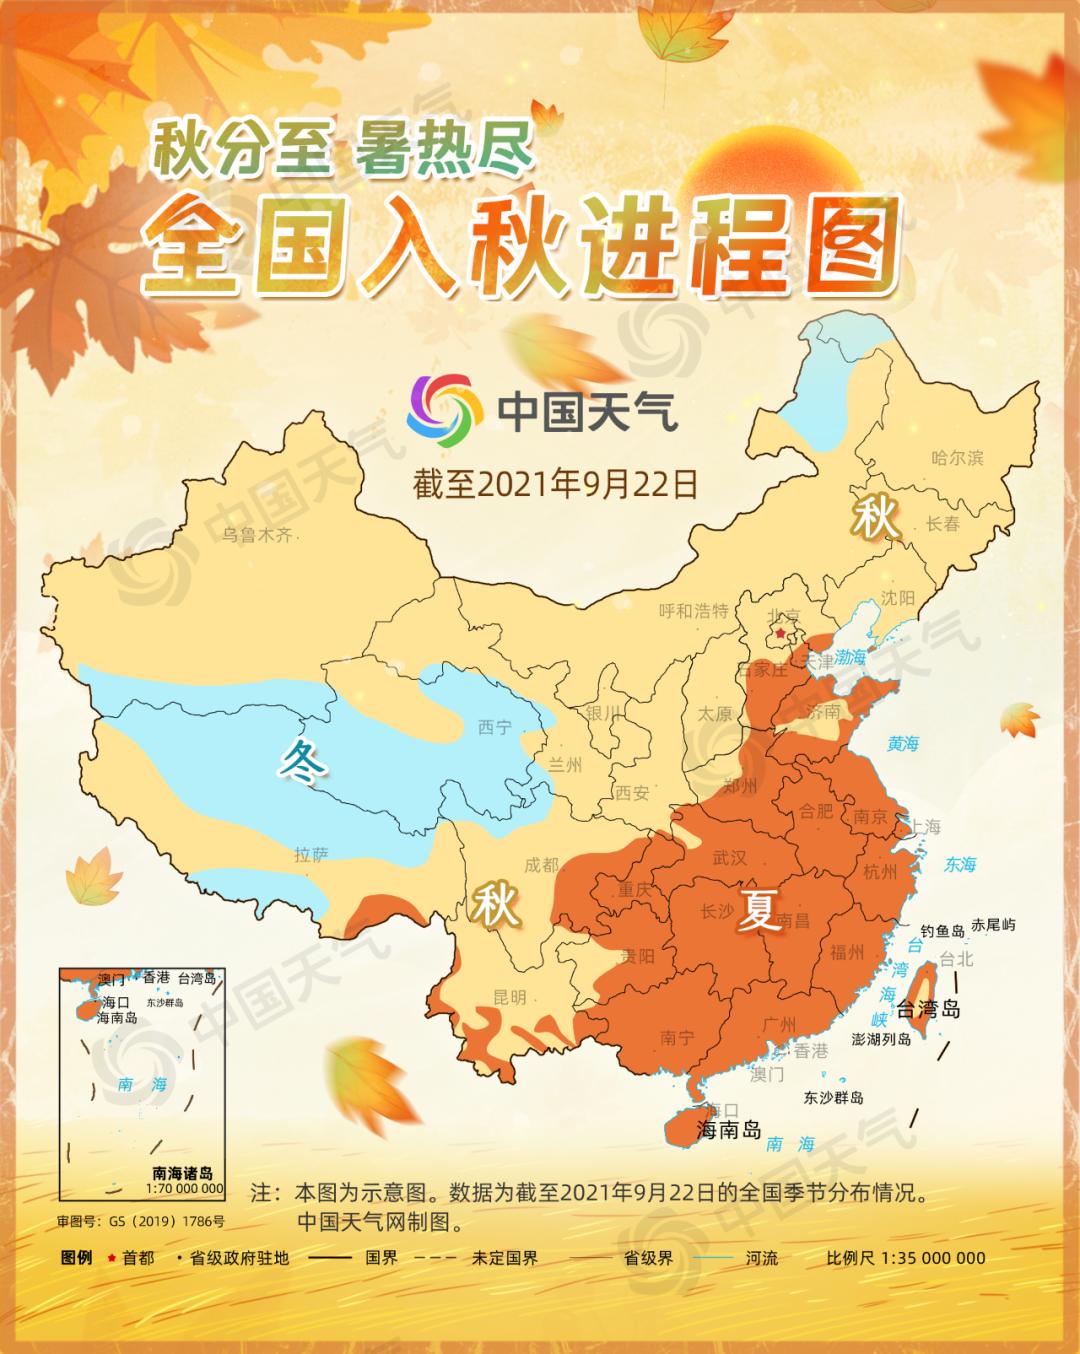 秋分至暑热尽最新入秋进程图告诉你秋天到哪了